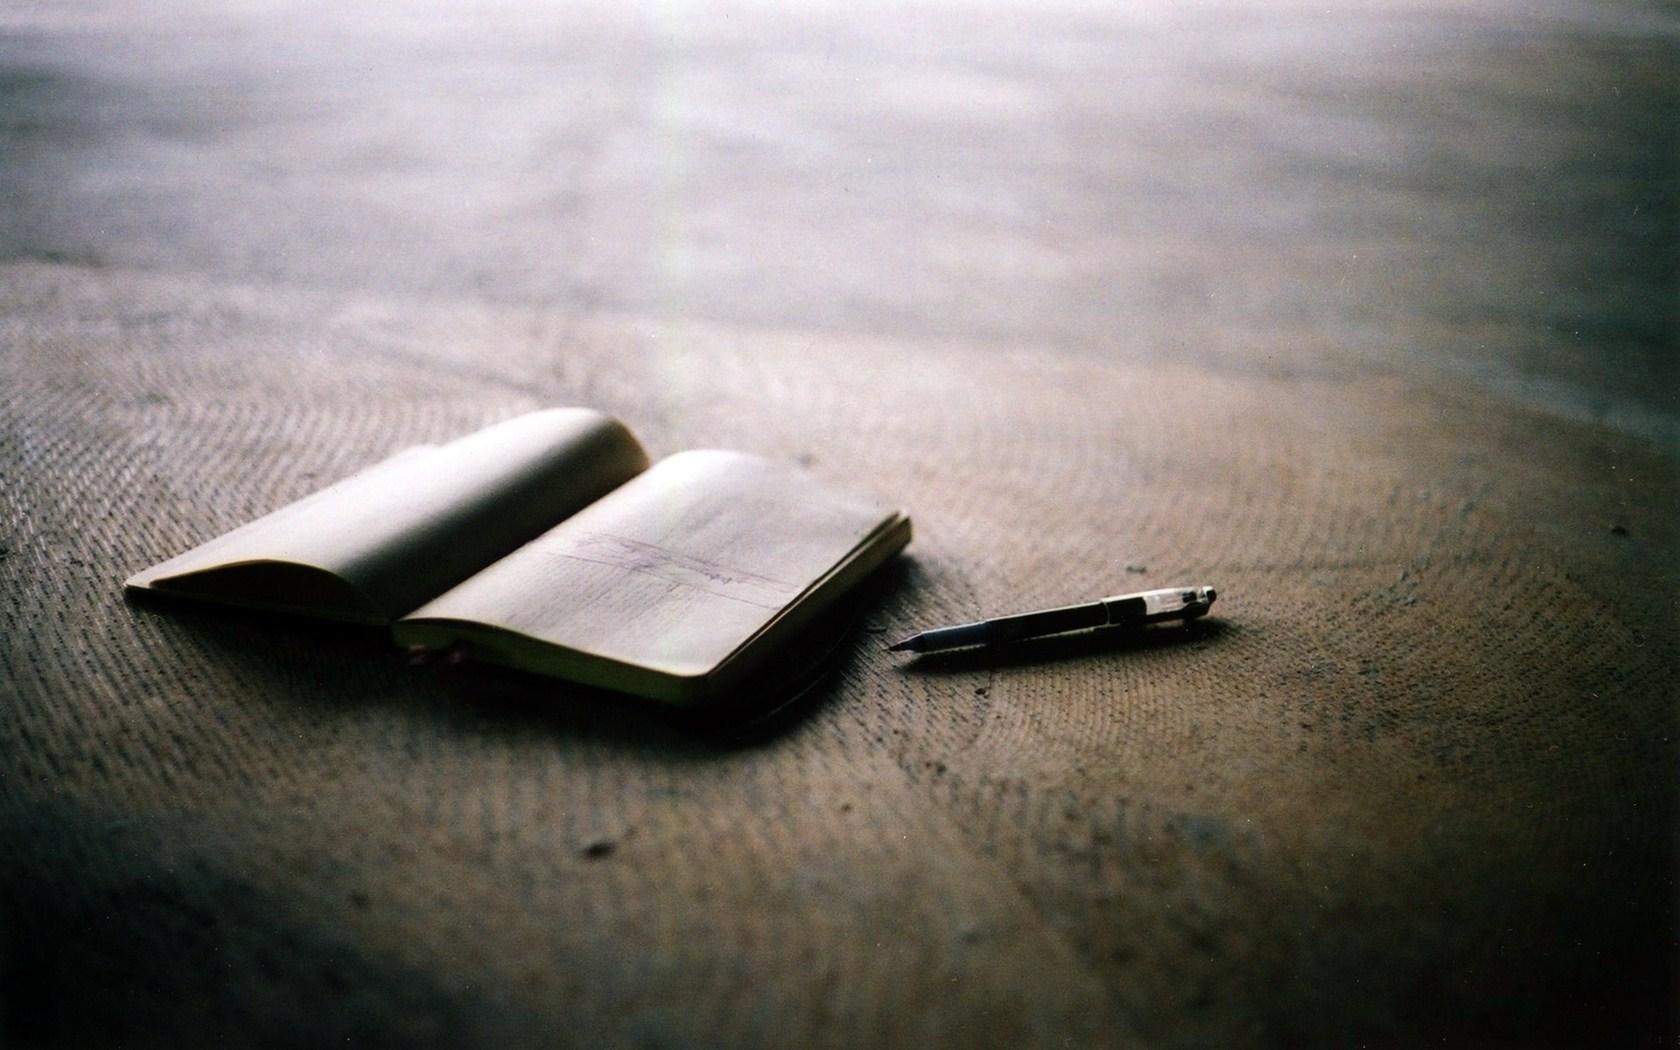 آیا از سندروم talking head در نوشتن، آگاهید؟